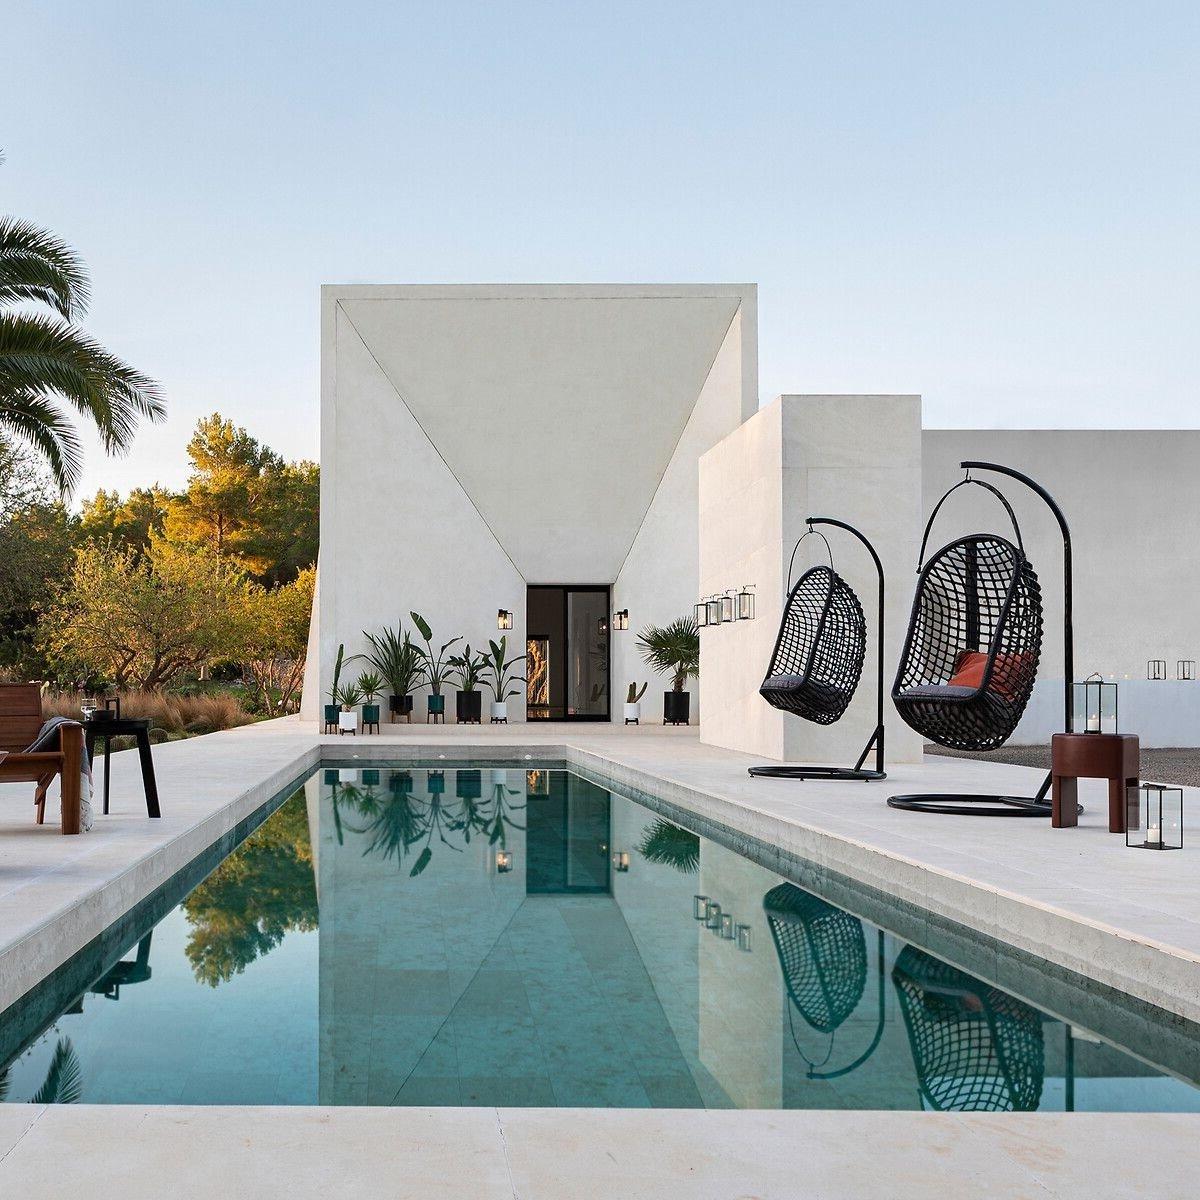 fauteuil suspendu oeuf noir pour extérieur bord piscine